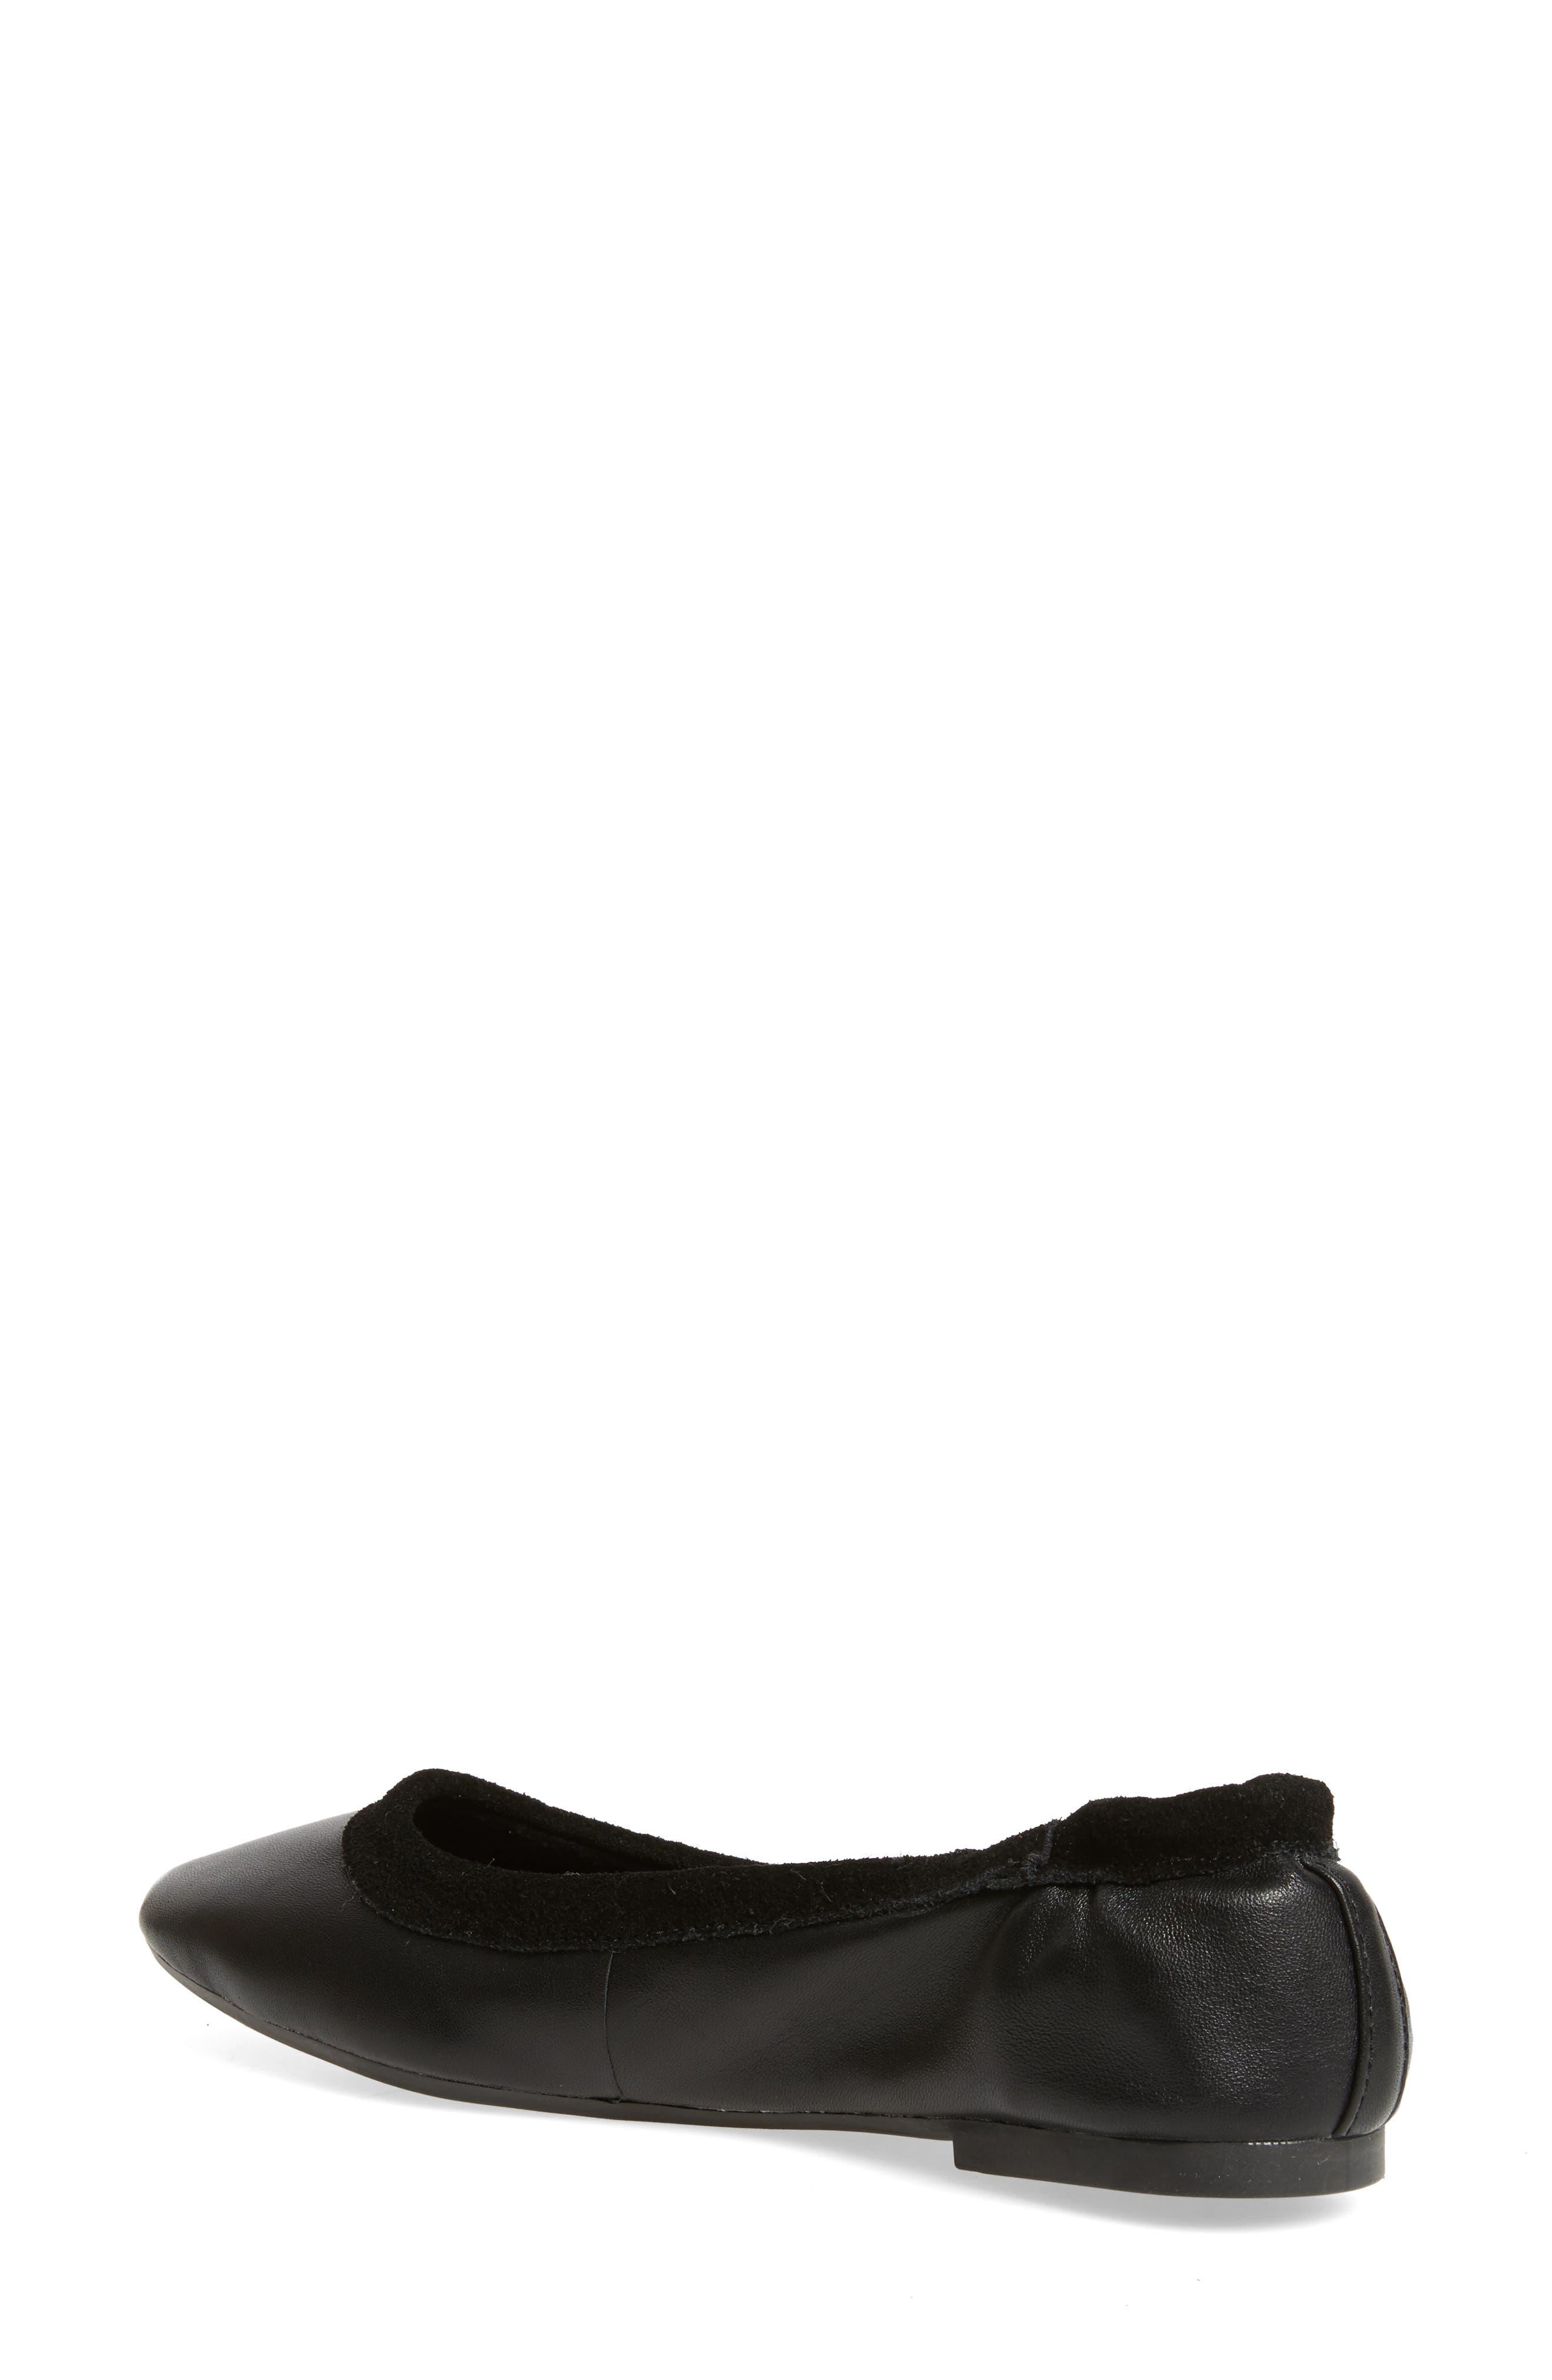 M4D3 Cozy Ballet Flat,                             Alternate thumbnail 2, color,                             Black Leather